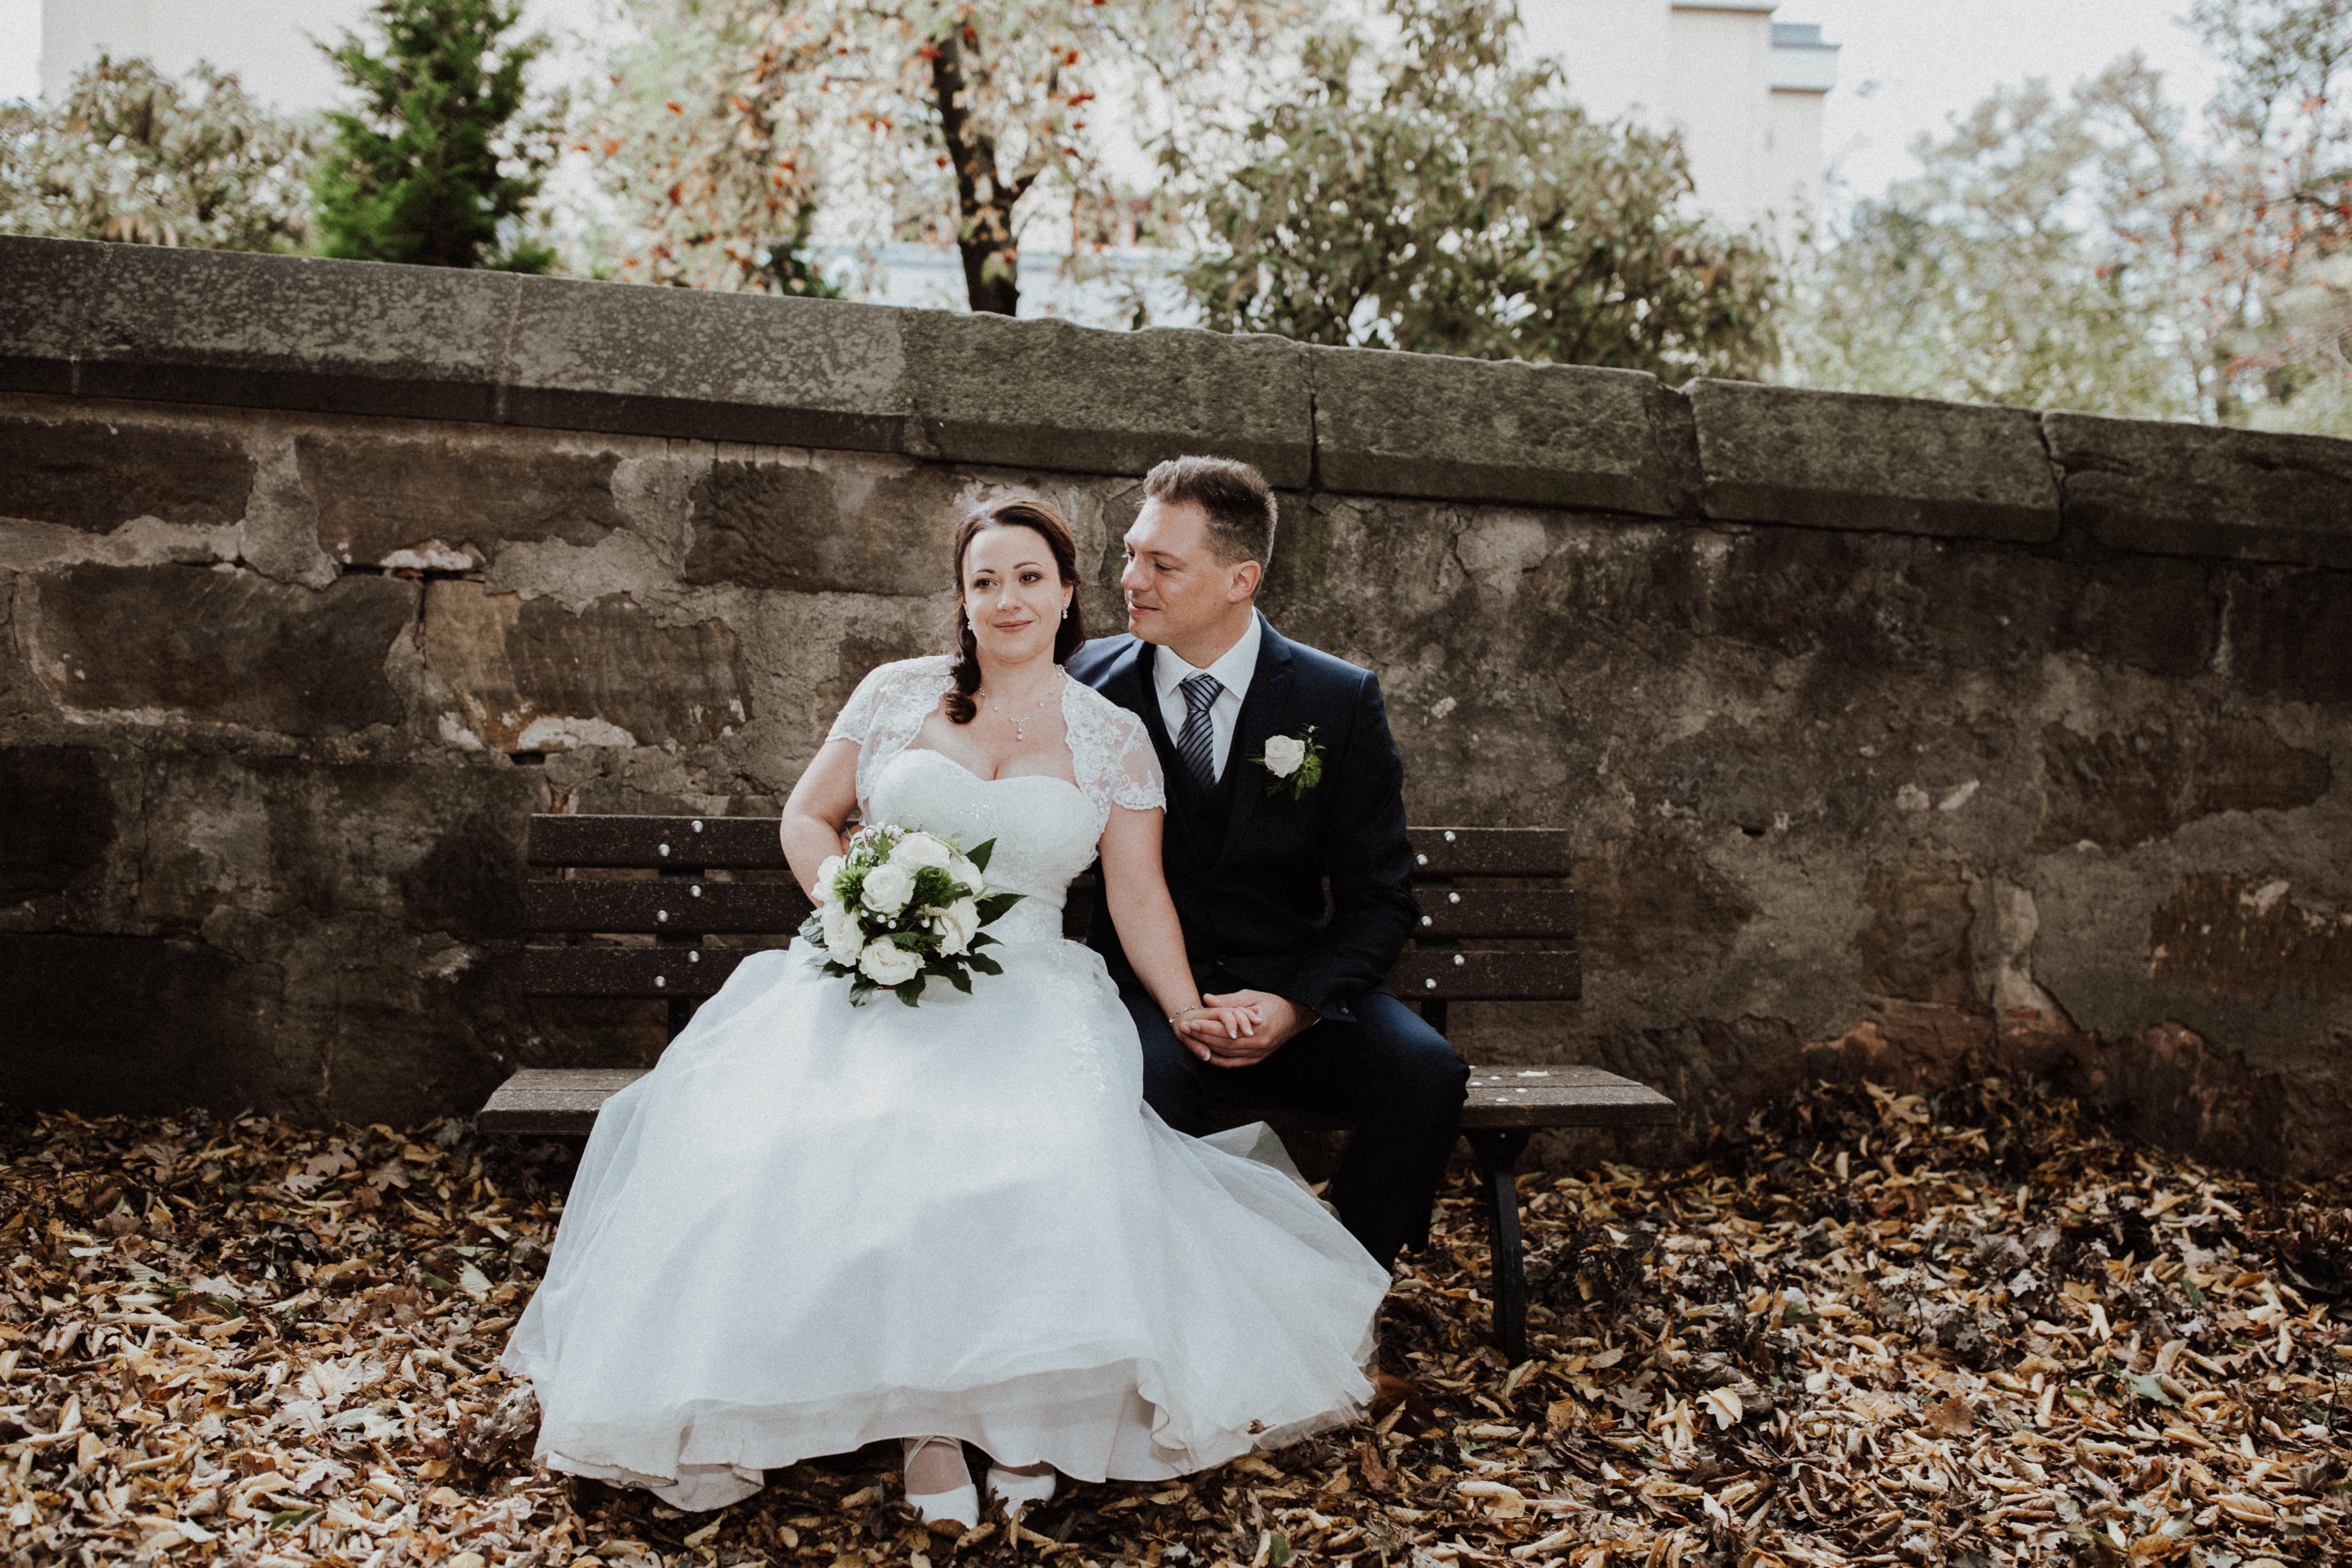 URBANERIE_Daniela_Goth_Hochzeitsfotografin_Nürnberg_Fürth_Erlangen_Schwabach_171007_0756